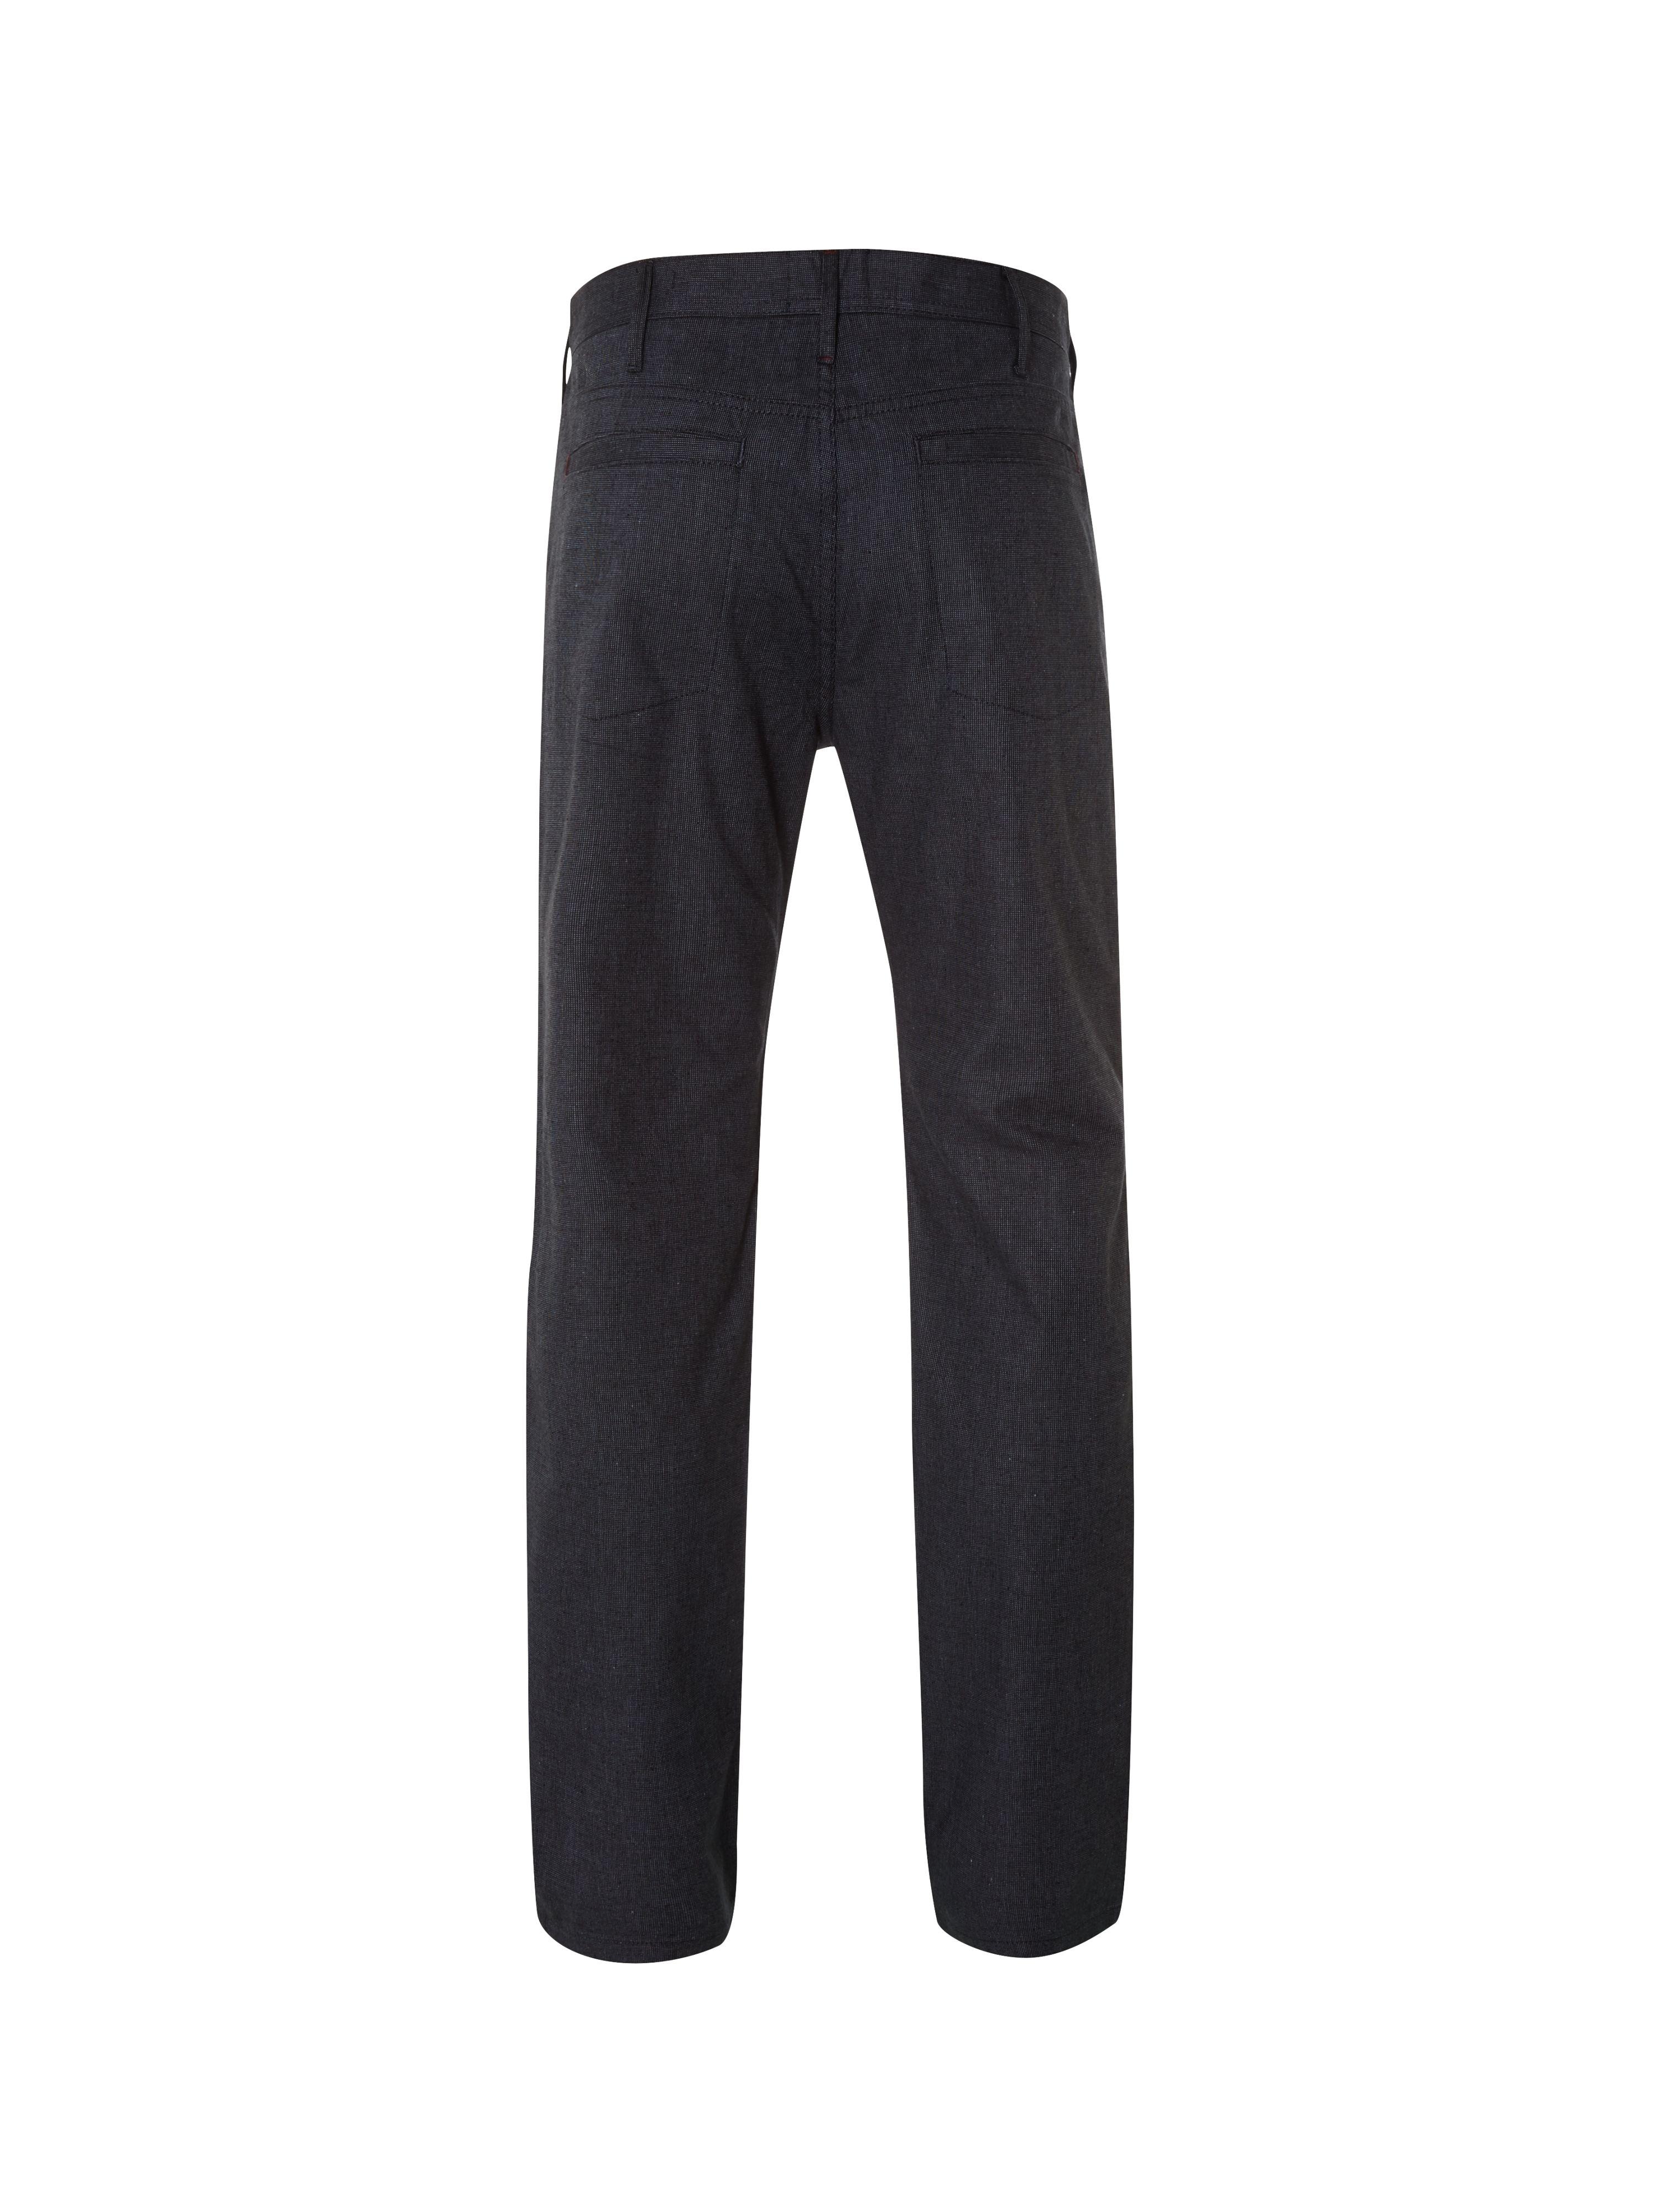 White Stuff Cotton Waever 5 Pocket Trouser in Navy (Black) for Men